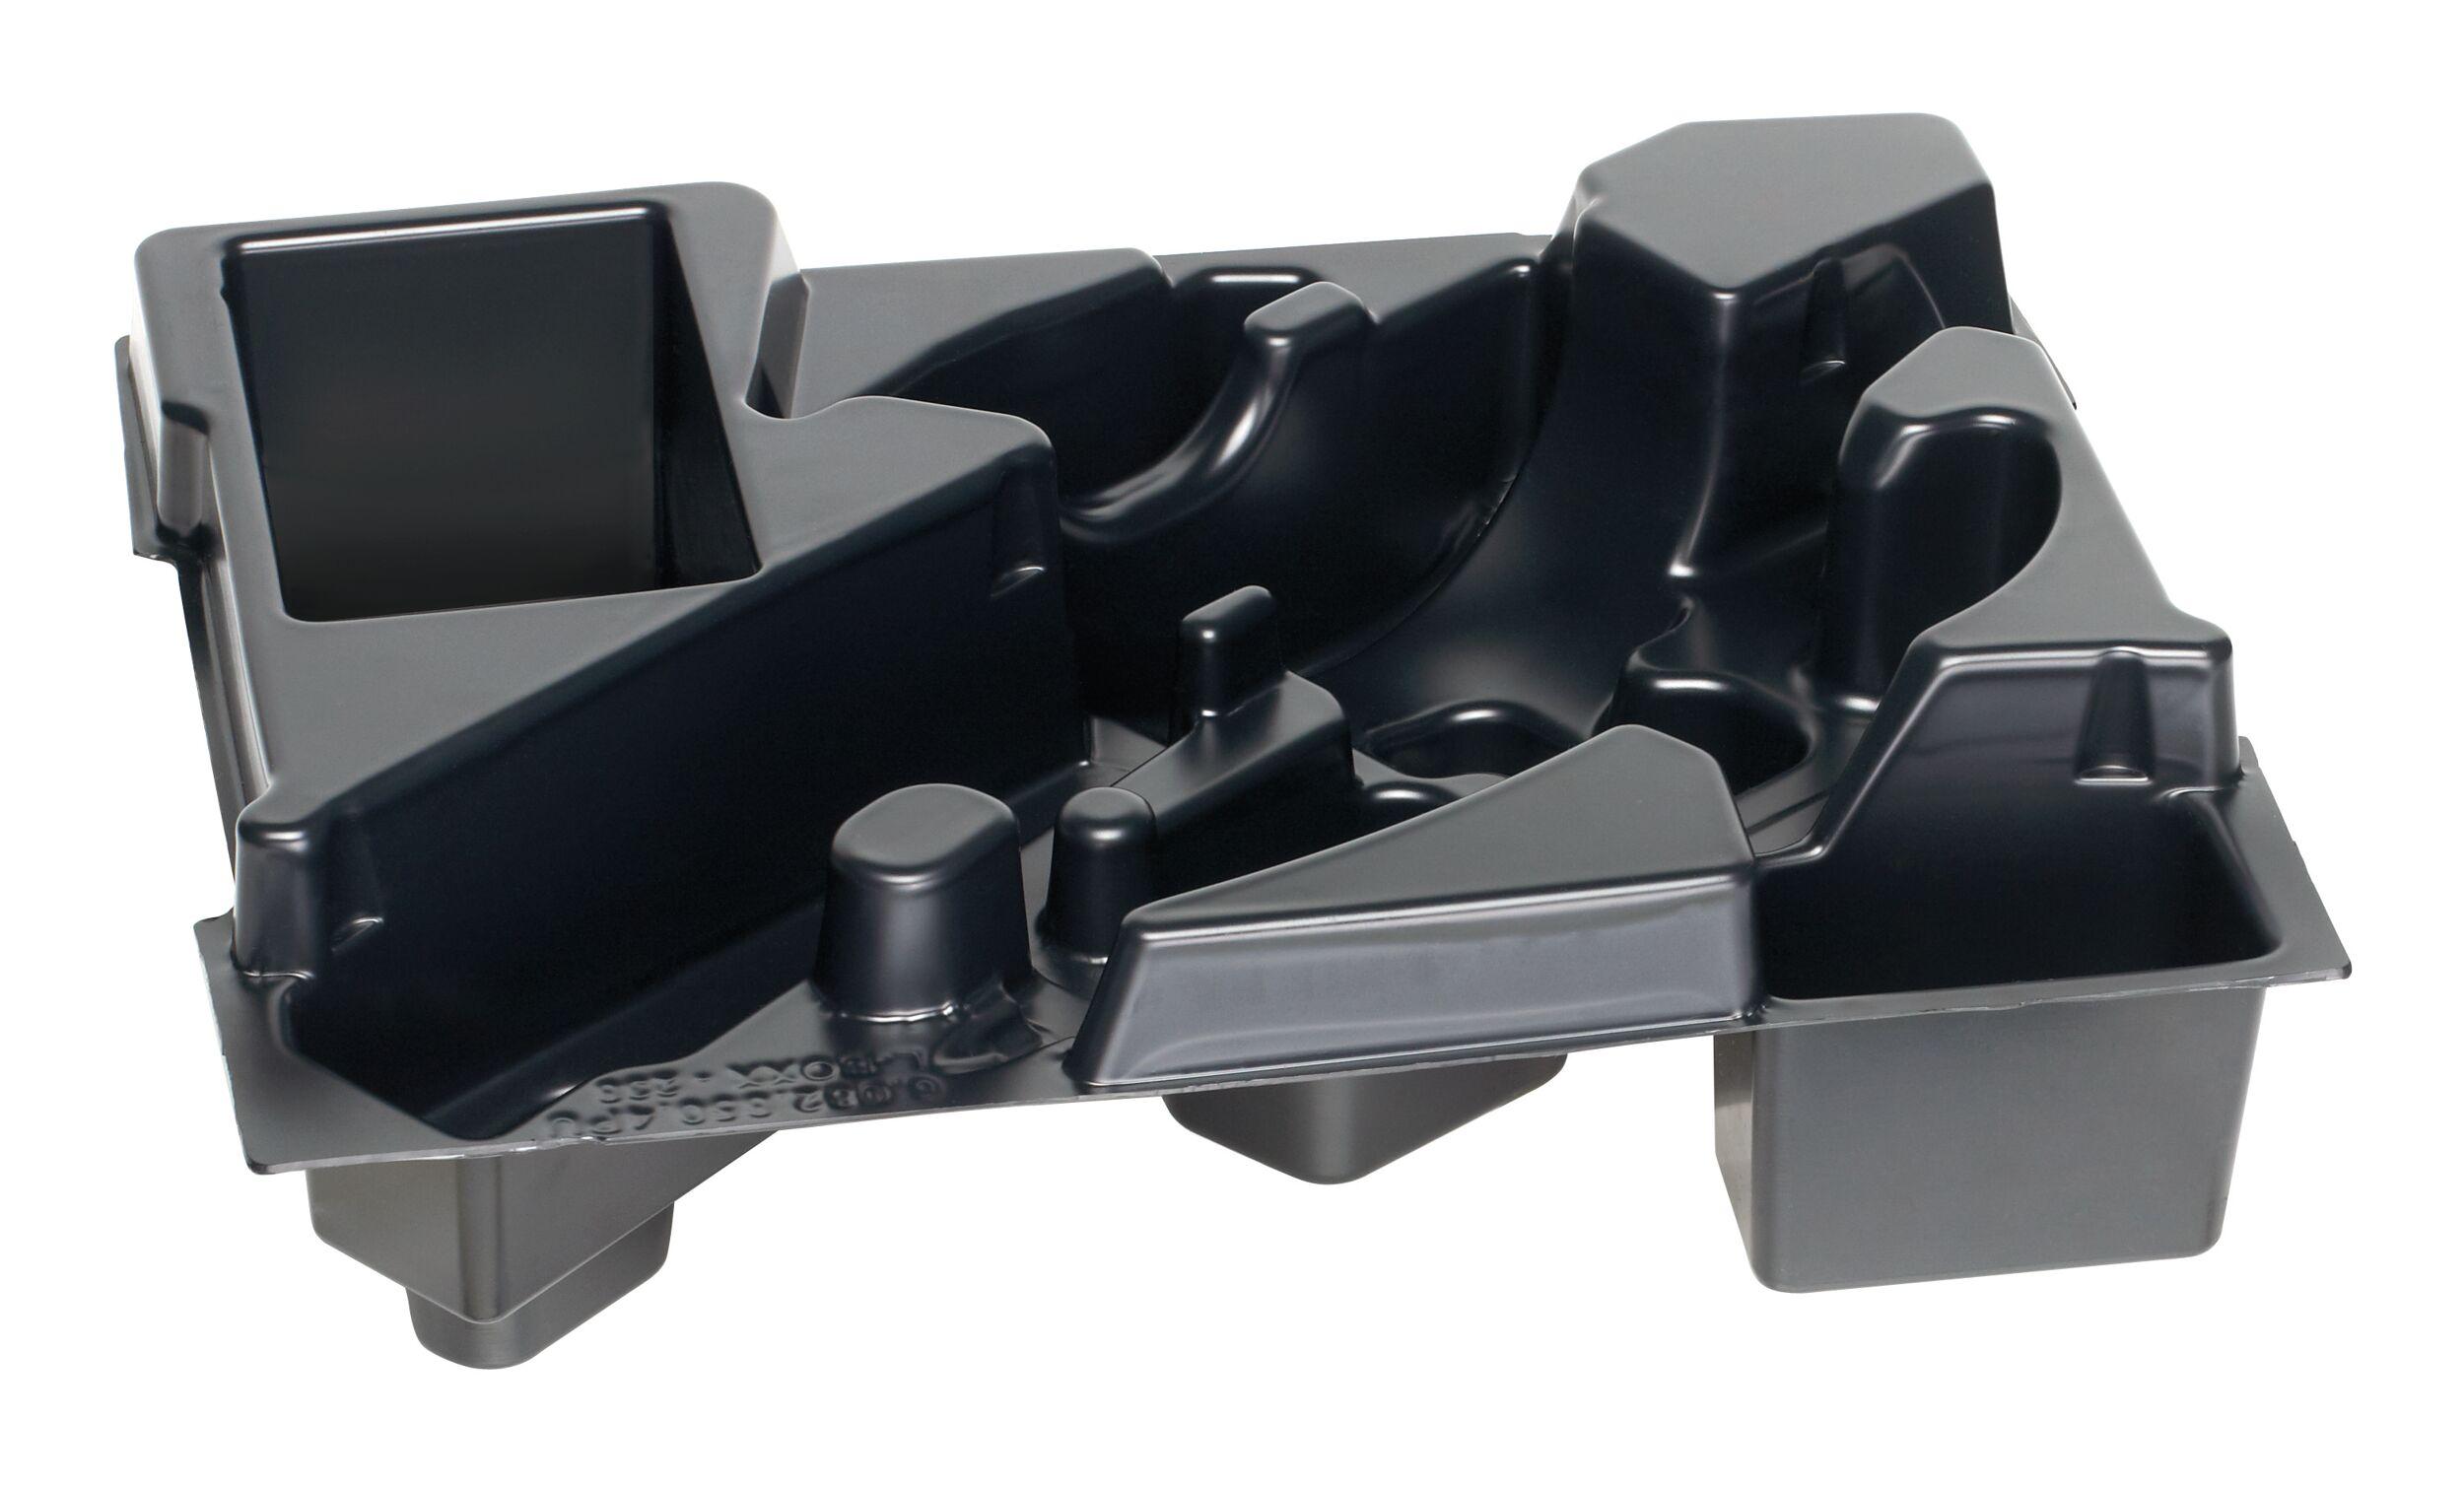 Blau Professional Einlage zur Werkzeugaufbewahrung für GEX 125 /... 1600A002VV